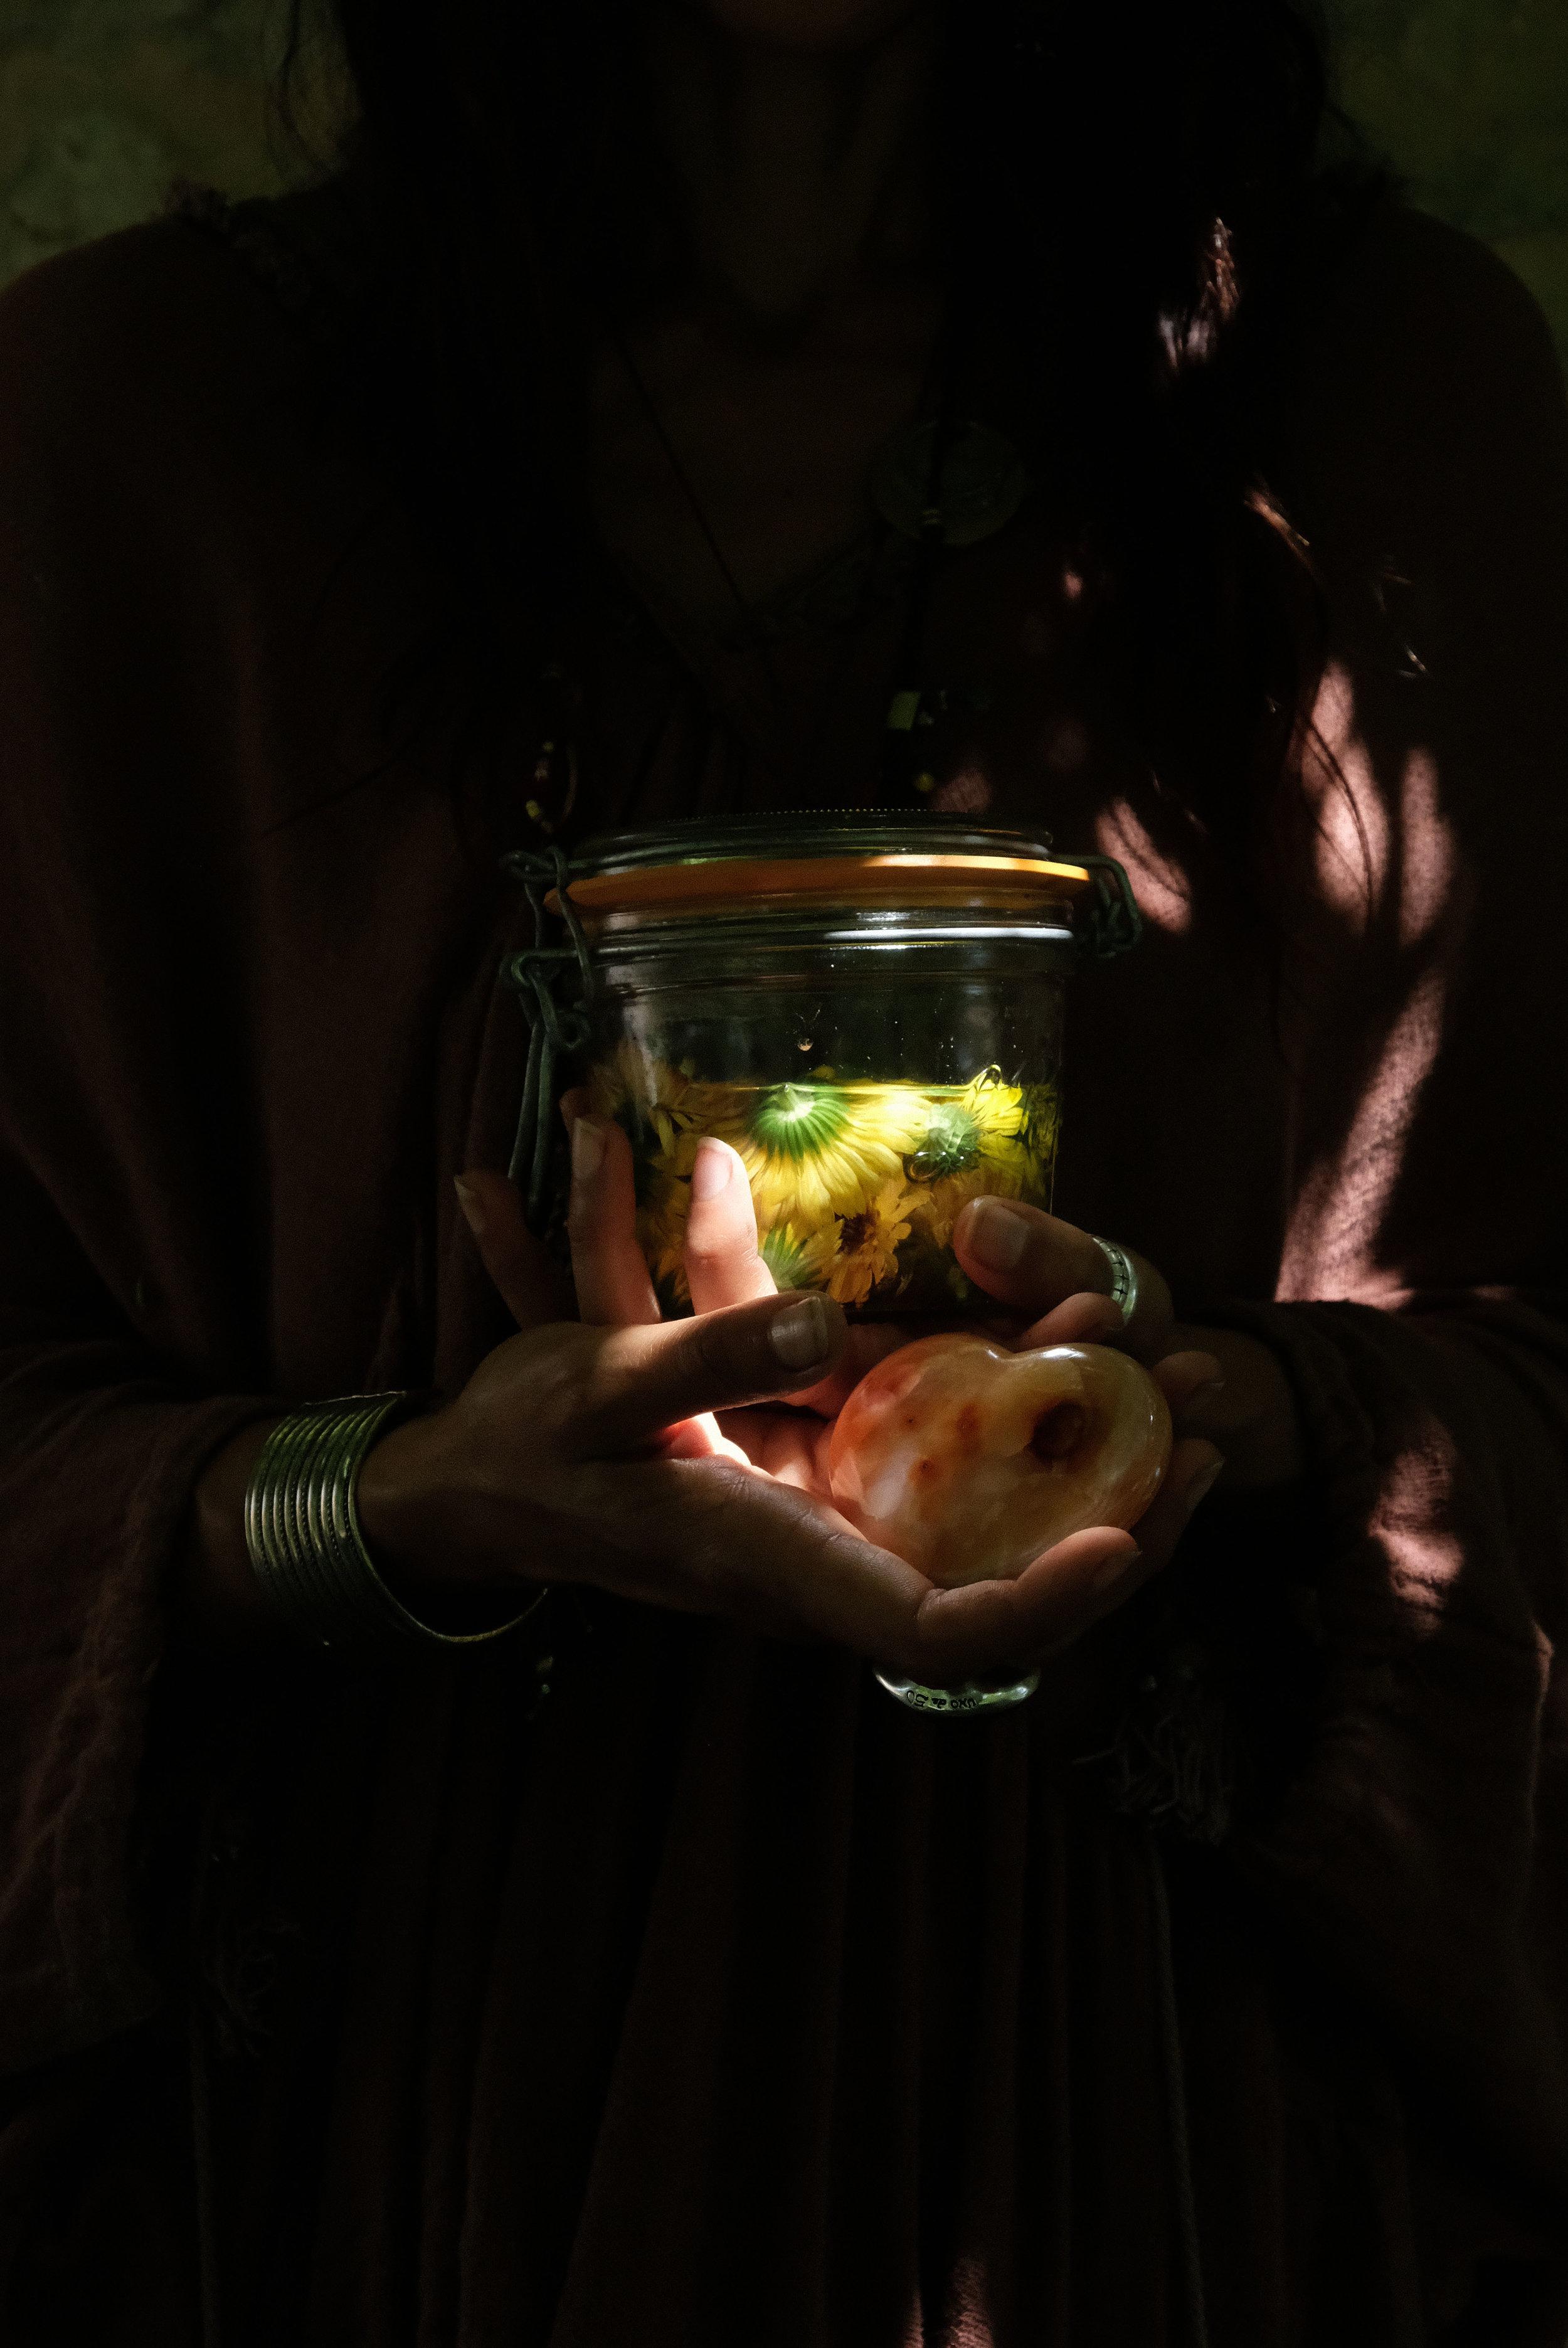 Infusés avec amour - Les élixirs et eaux florales seront bientôt en vente à l'atelier d'art floral.Certains ont été créés à partir de plantes que j'ai cueillies en sauvage, en pleine nature, comme le serpolet ou la carotte sauvage, le lierre ou le houx, d'autres se sont invitées dans mon jardin : l'Achille millefeuille ou l'ortie, la menthe des prés, le chardon marie, je plante aussi quelques espèces au fur et à mesure des années pour créer un jardin botanique comme l'arnica et le souci, la camomille romaine et la rose, la lavande et le romarin et bien sûr la menthe poivrée, la sarriette, le thym, la mélisse, la verveine, la sauge, le laurier, l'hysope, l'eucalyptus, le lys, l'iris, le basilic, le basilic thaï, le persil, l'anis, la mûre, le cassis, le framboisier ou le groseillier. Il y a la plante maitresse de la maison : la Vigne, Muin de son nom Celte.Certaines essences plus aromatiques sont cueillies en Drôme et dans le Vercors par 2 cueilleurs qui sont devenus des amis et ont le respect profond de la plante. Vous pouvez aussi demander une création sur-mesure qui nécessitera une consultation préalable.Avec amour,